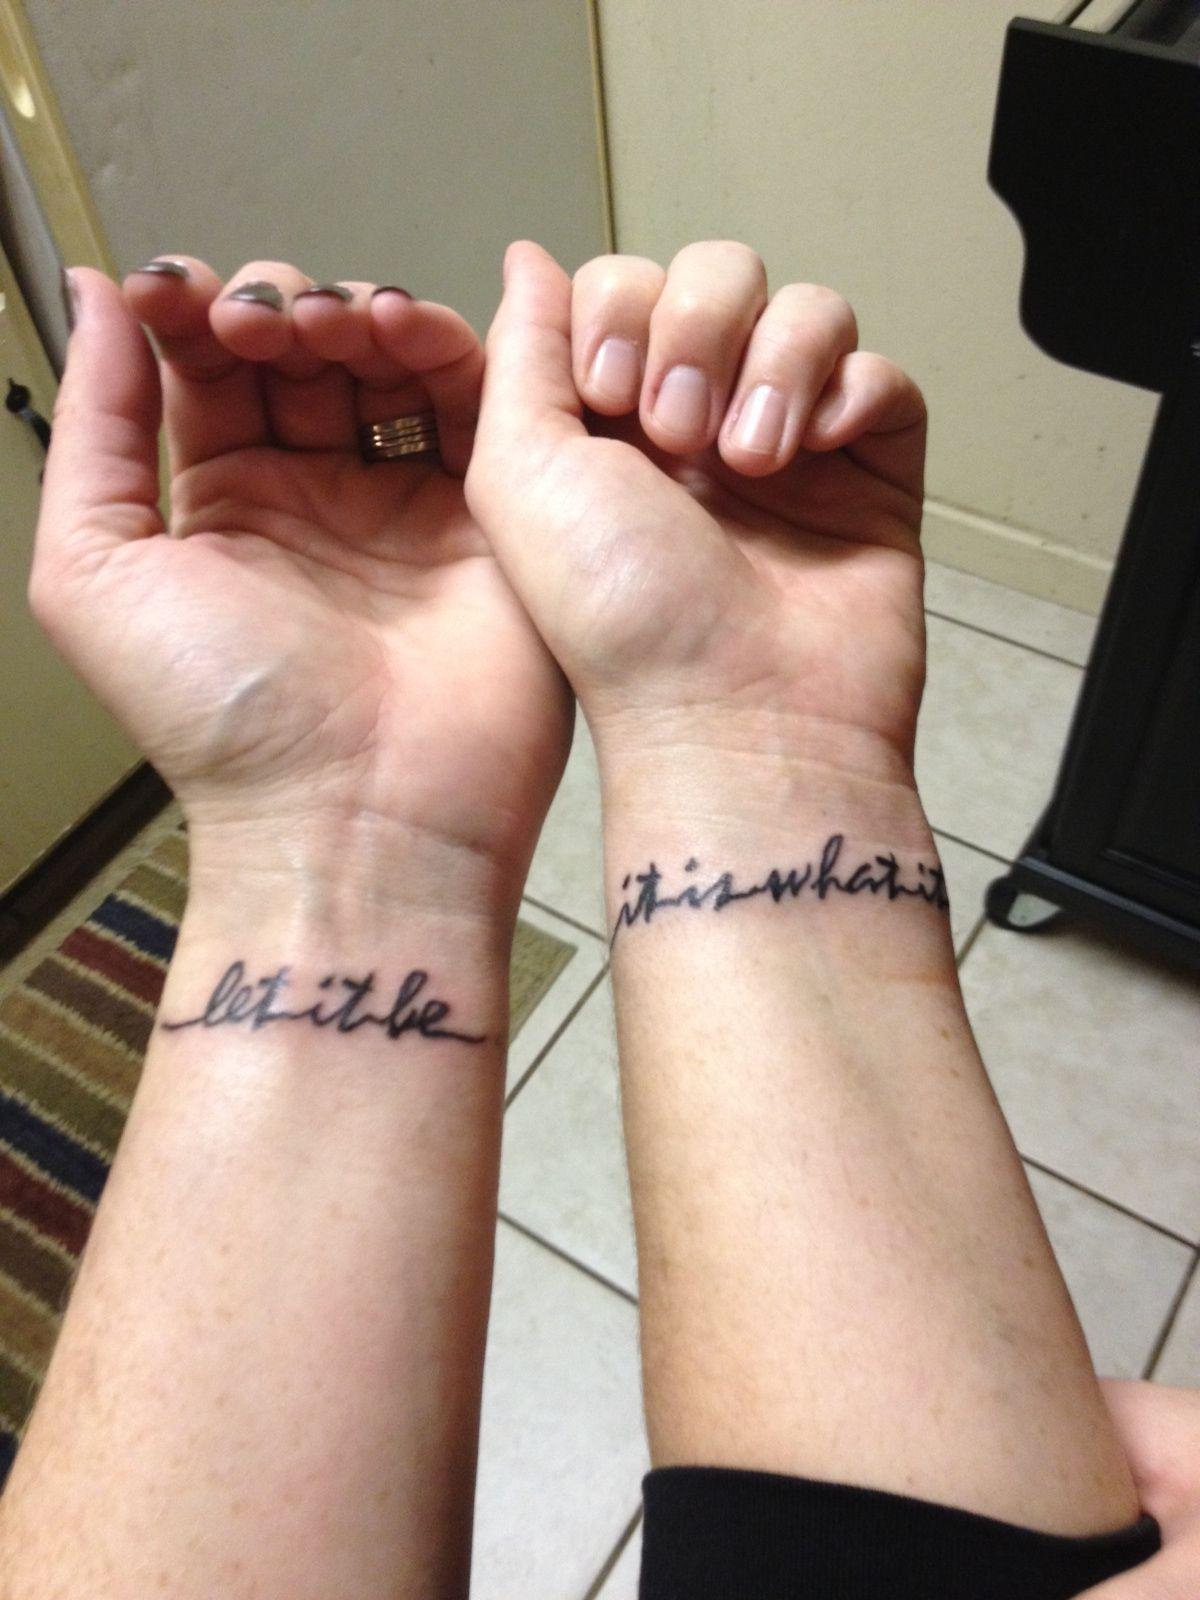 58f622731 Wrist tattoos